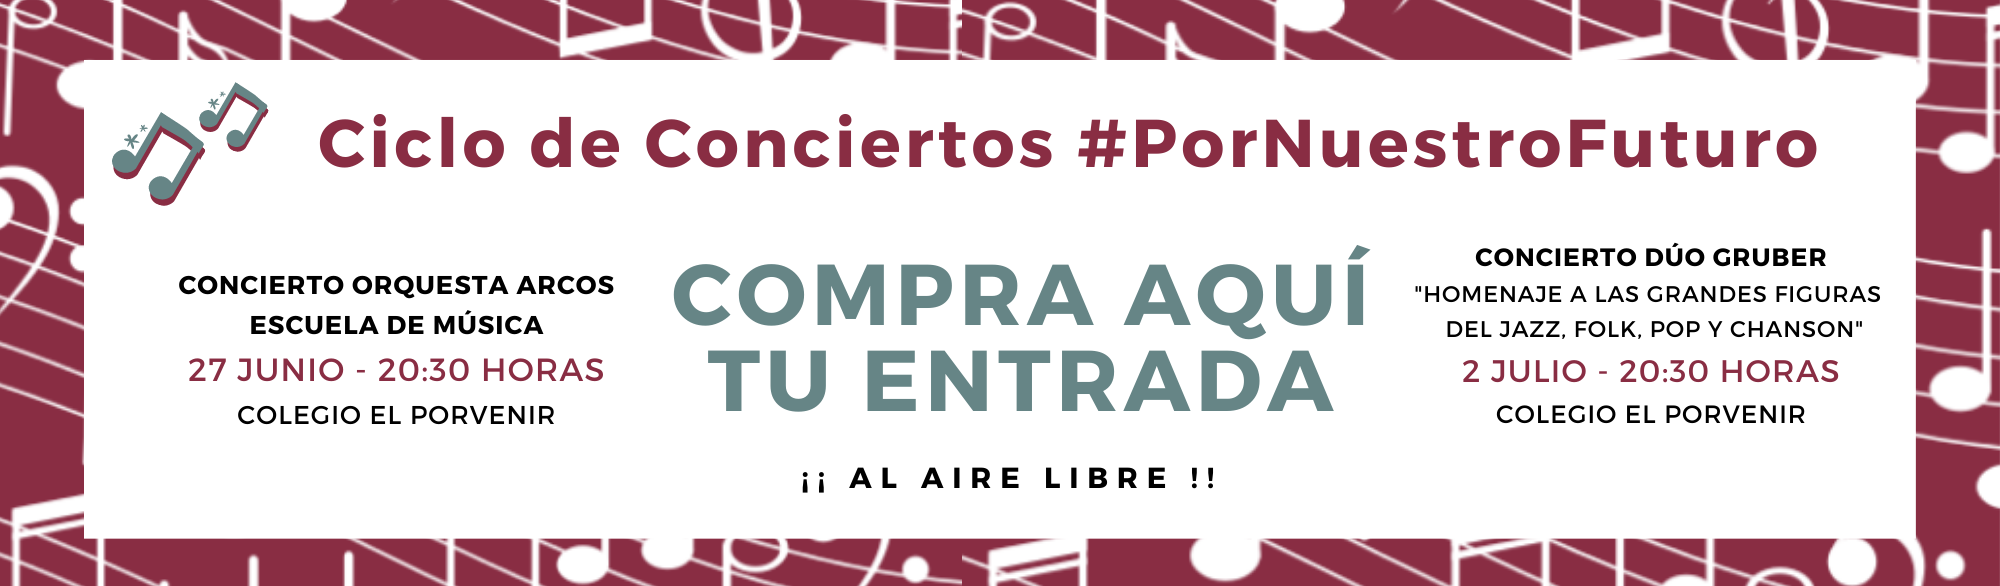 Comprar entradas para el CICLO DE CONCIERTOS #PorNuestroFuturo